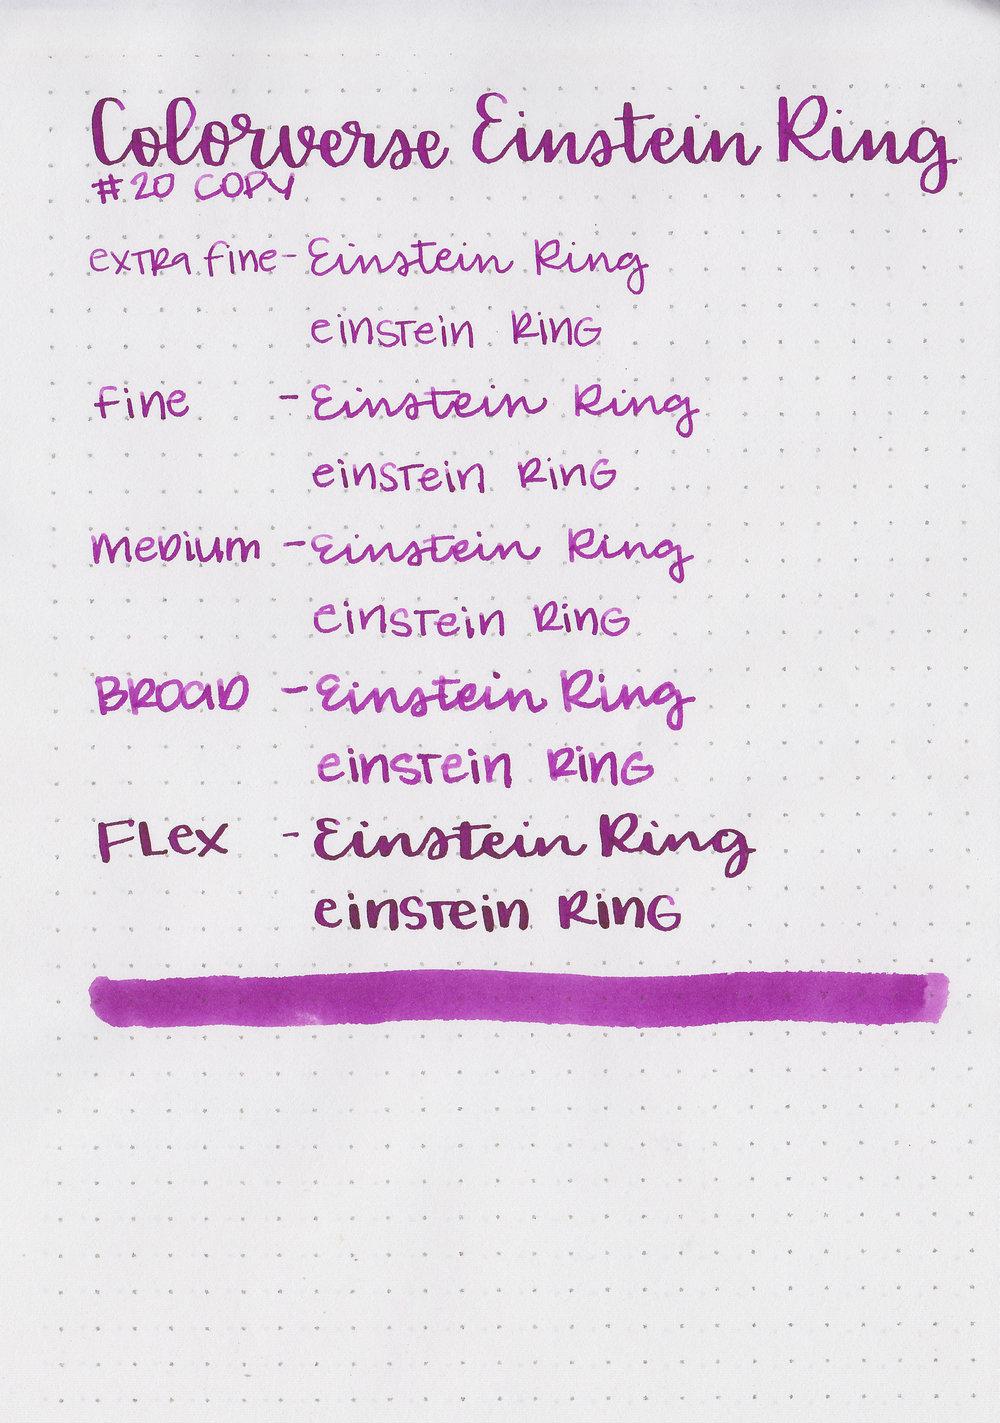 cv-einstein-ring-13.jpg